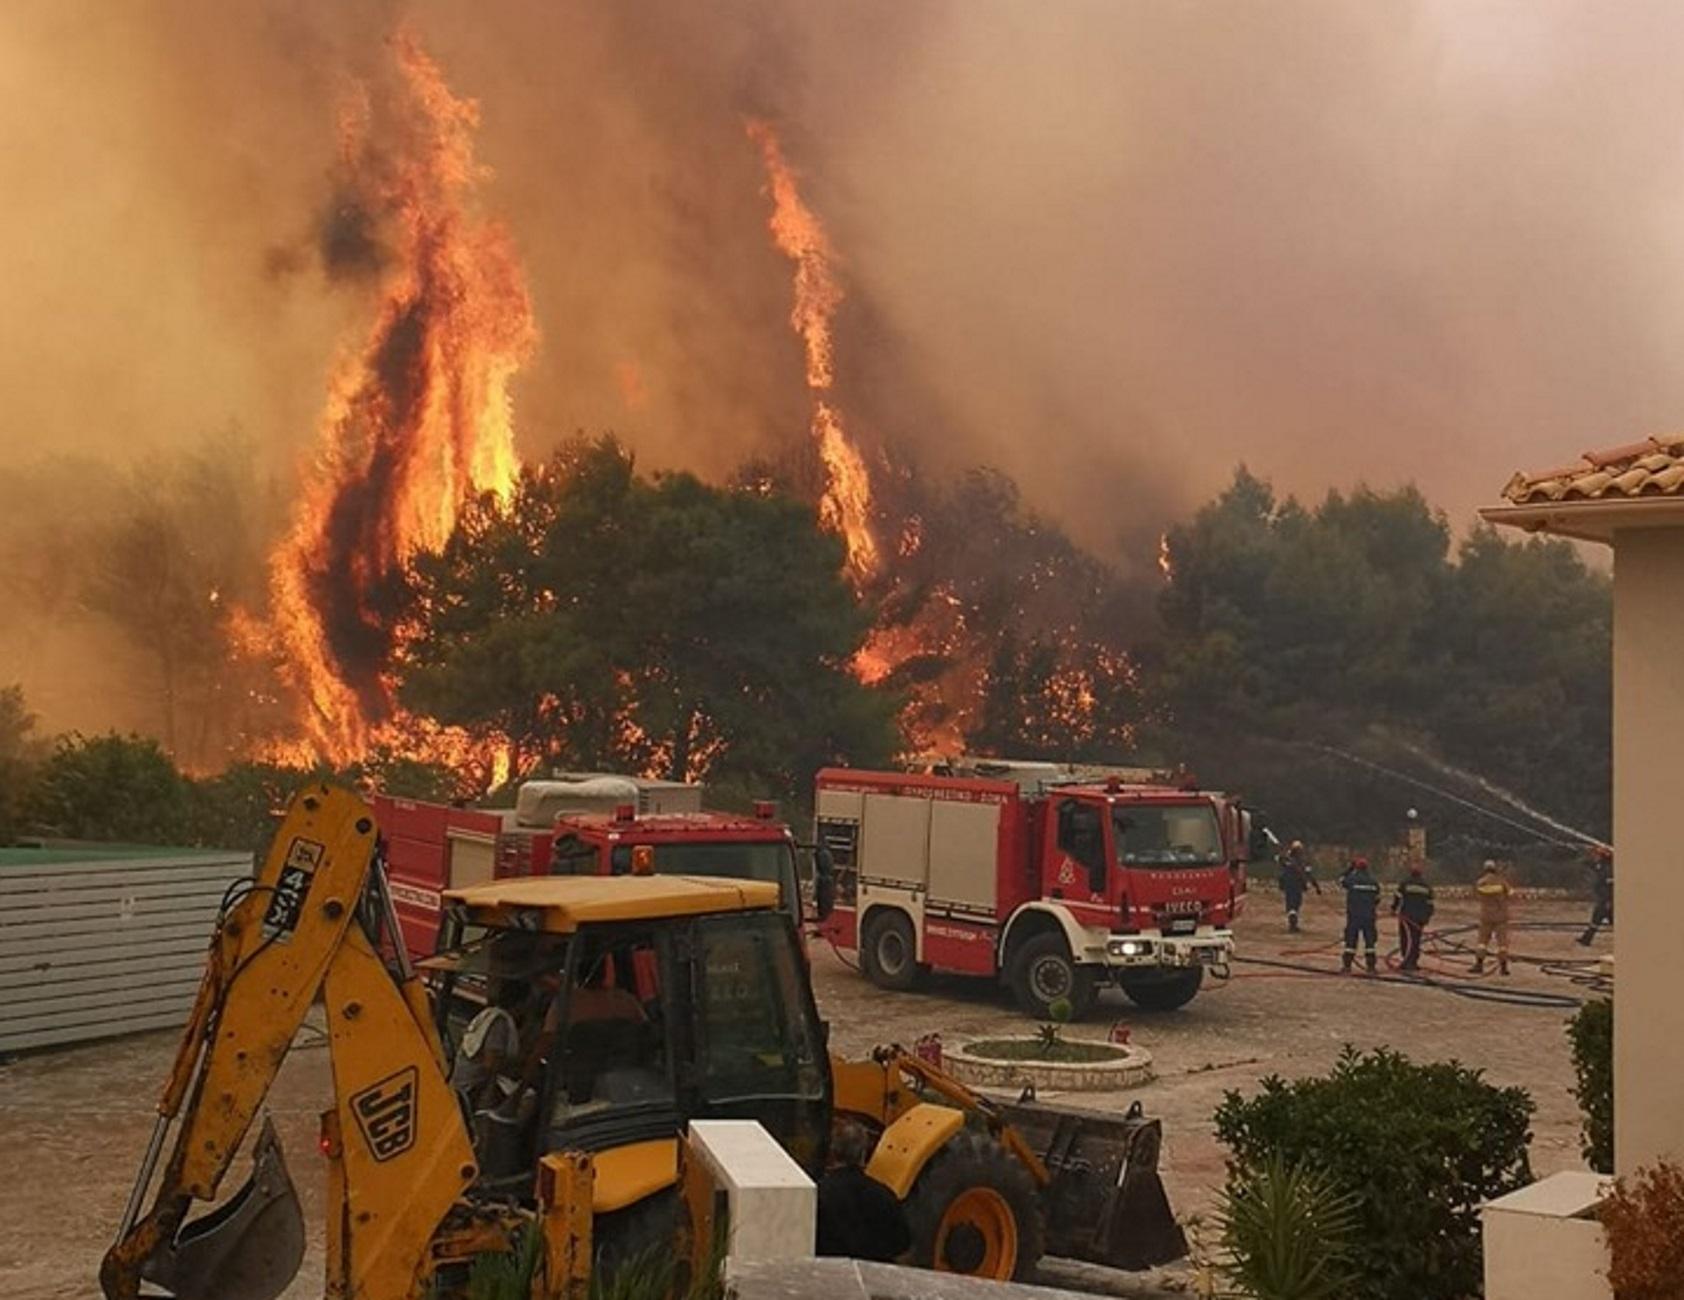 Ανεξέλεγκτη μαίνεται η πυρκαγιά στη Ζάκυνθο